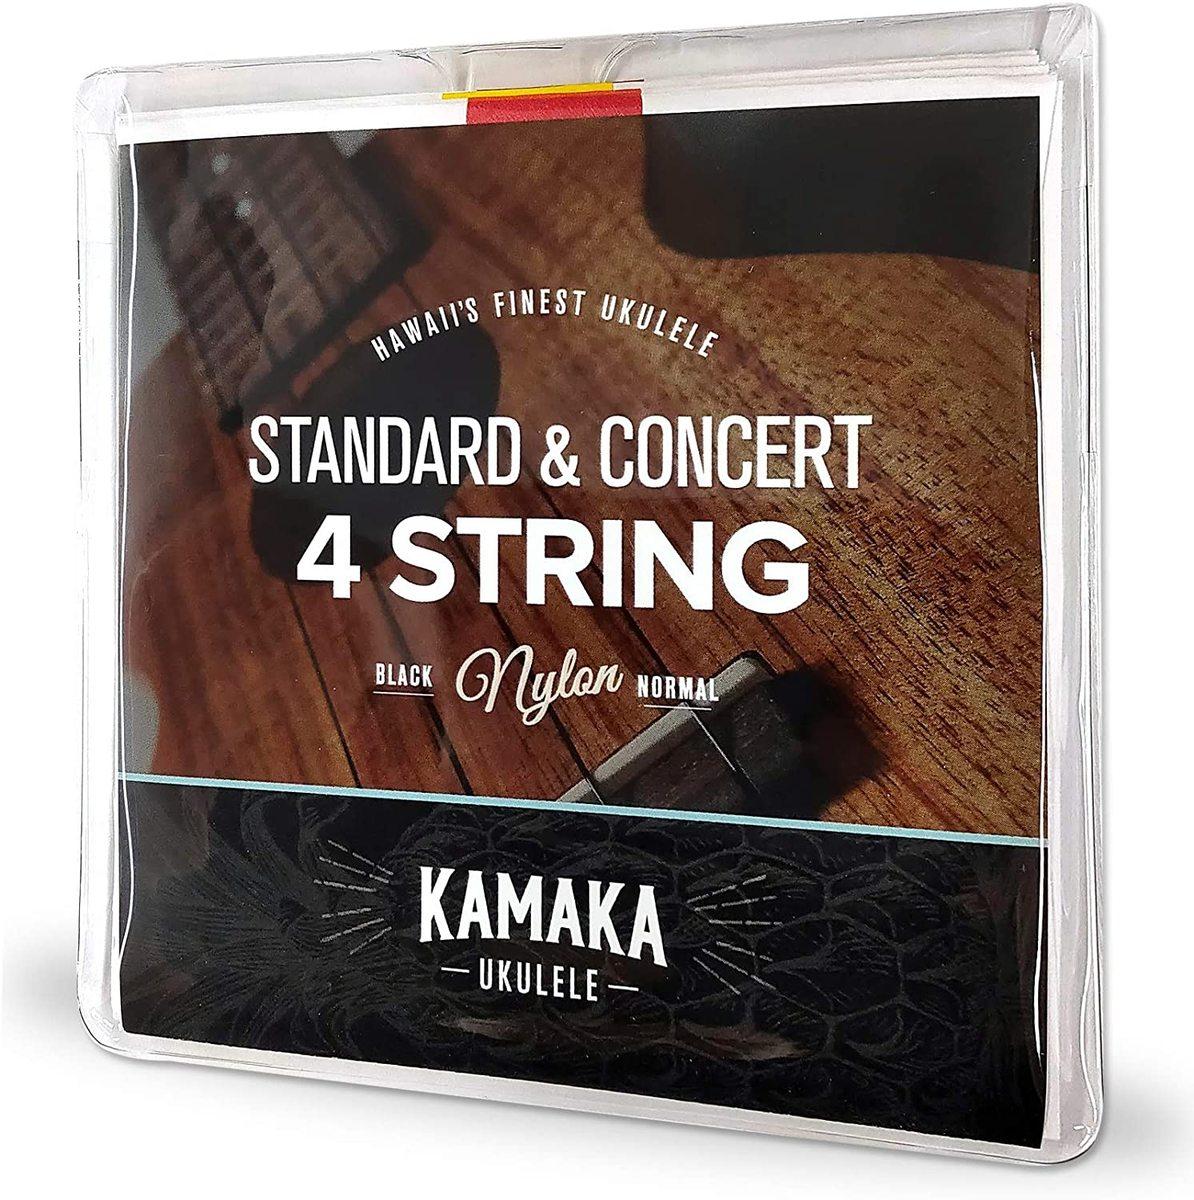 カマカ ウクレレ弦 ソプラノ コンサート KAMAKA クリアランスsale 期間限定 S-1 セット Standard 送料無料 Concert 定番スタイル 4 Strings